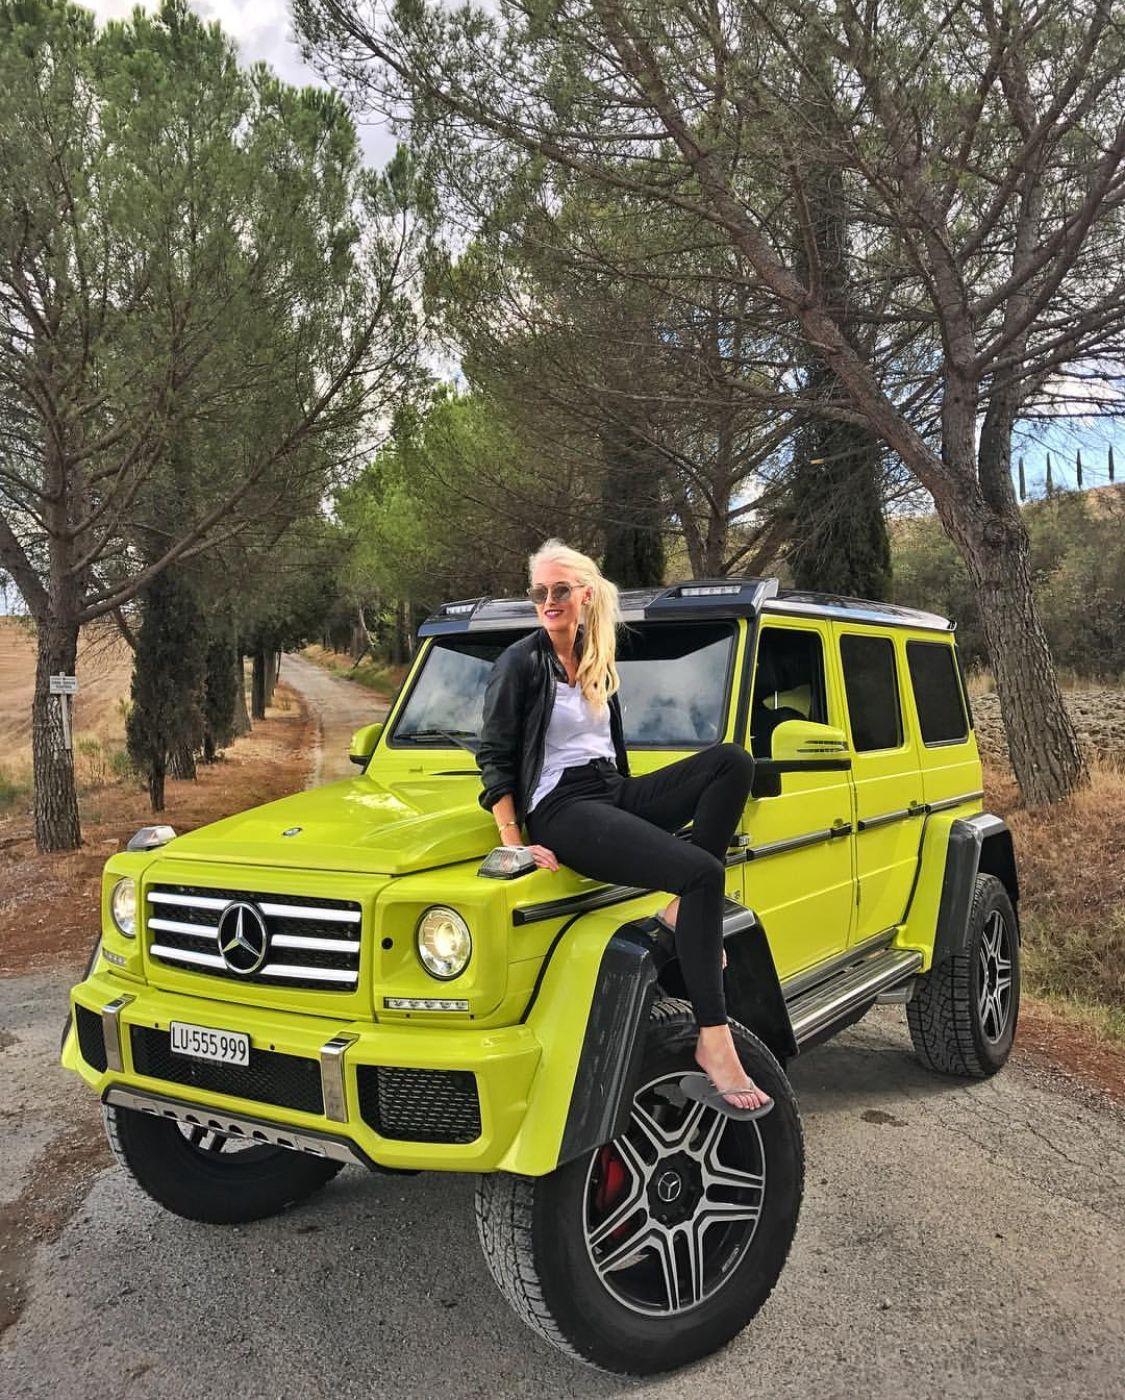 G63 Supercar Blondie Super Cars Car Girls Car Chicks